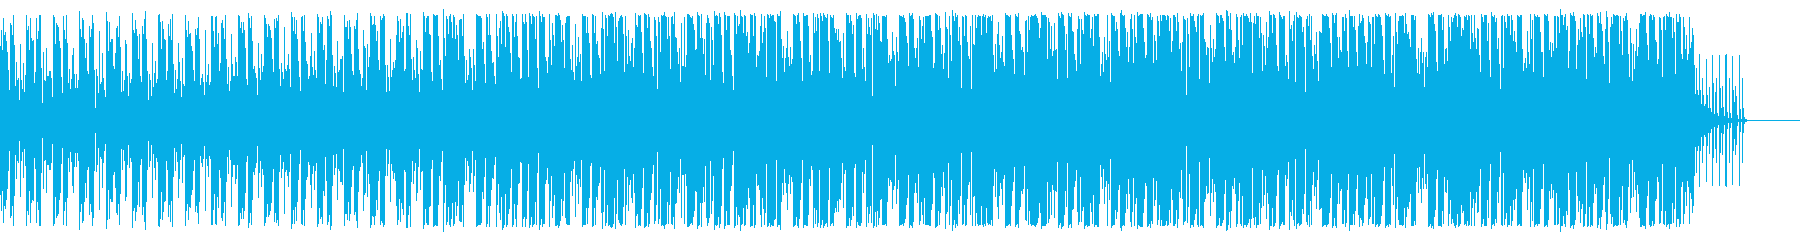 パズルゲームなどのBGMに使えそうな気…の再生済みの波形